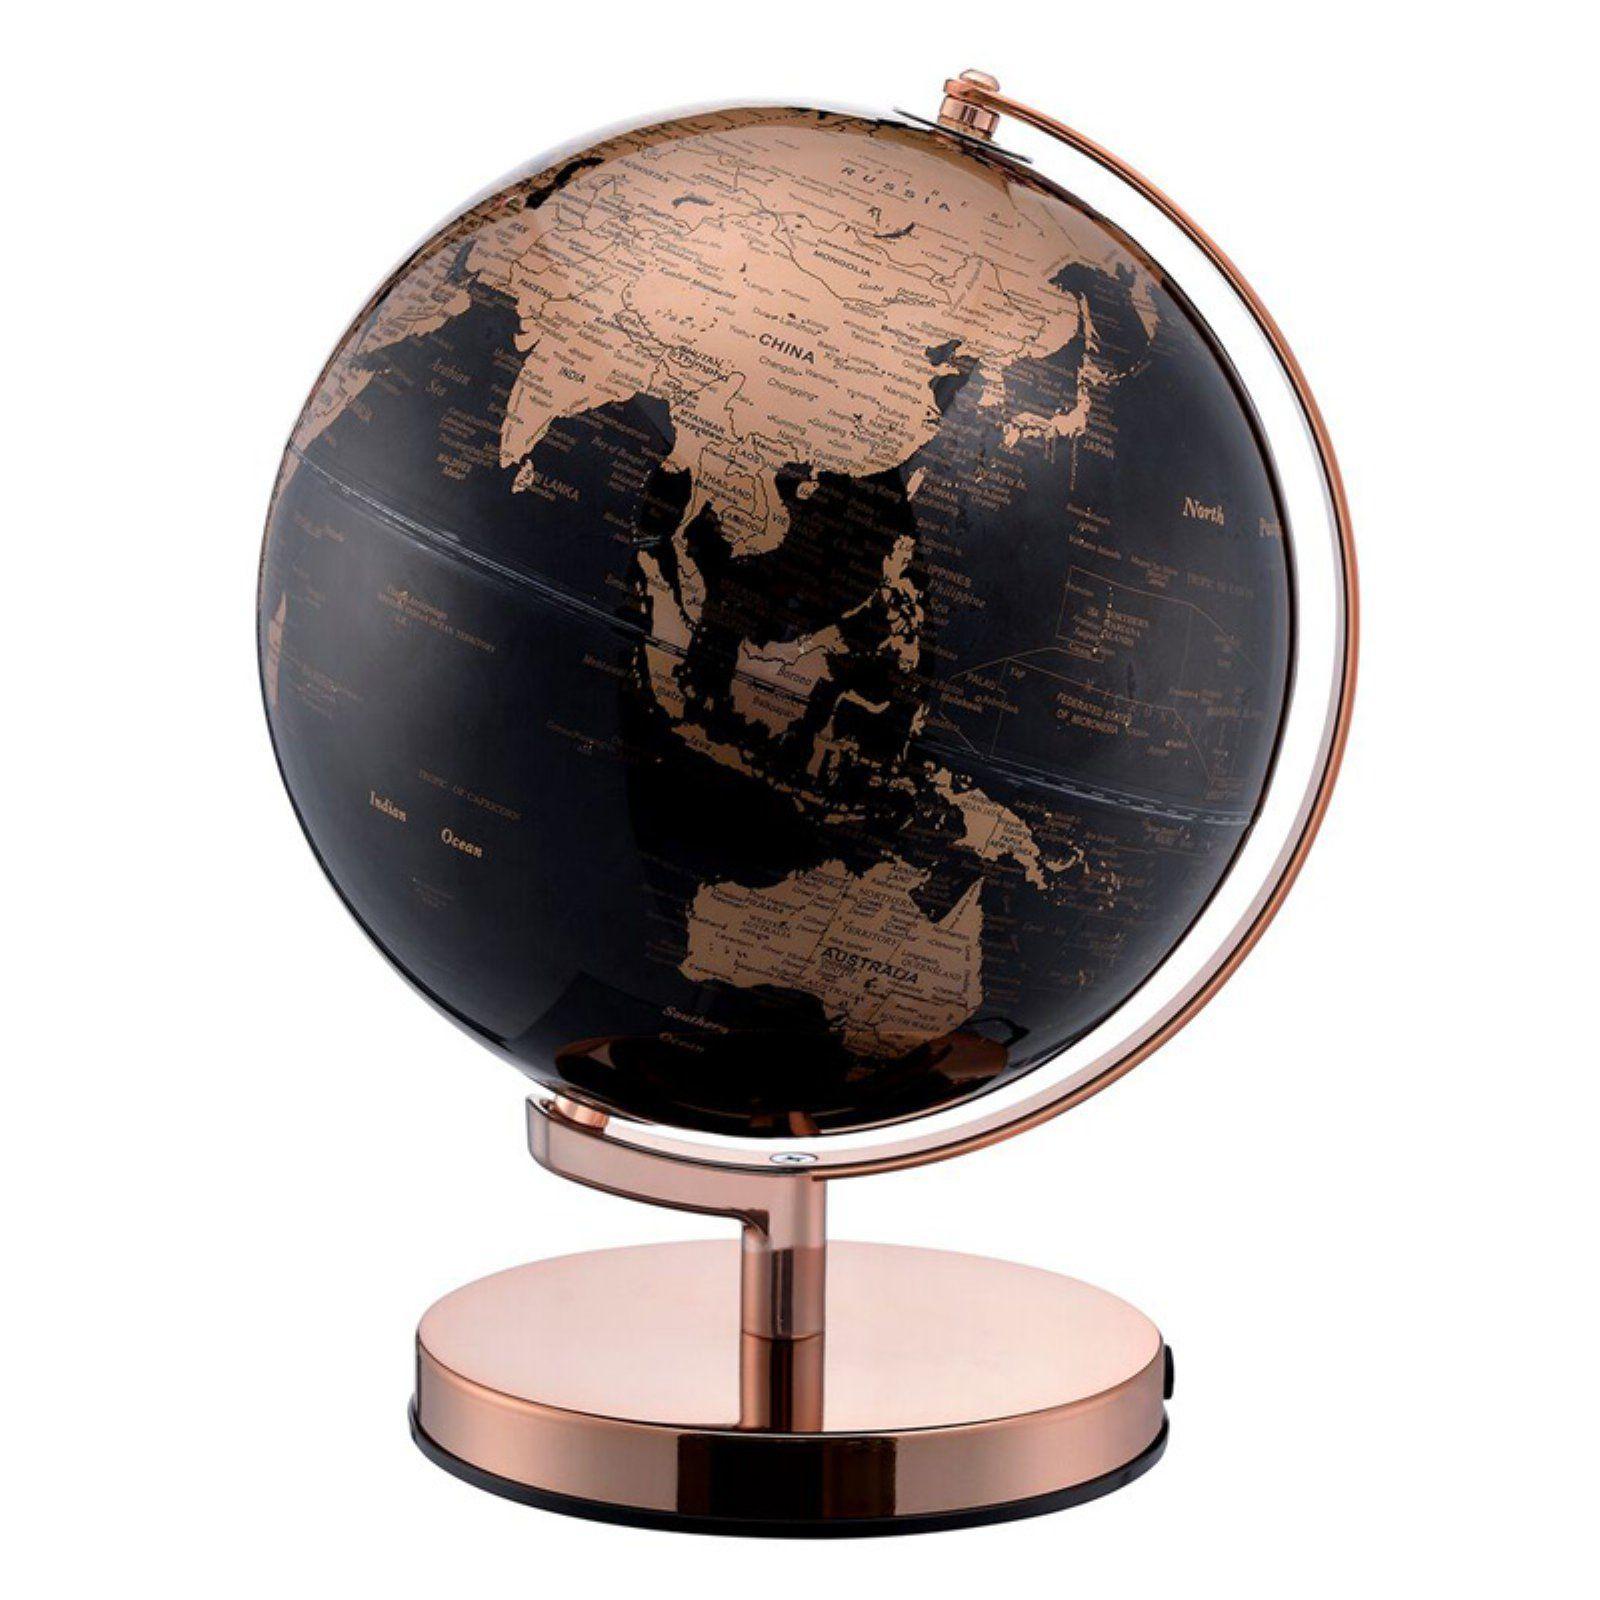 d8a71fe84f5e1fd35848a90338580a3e - Better Homes And Gardens Decorative Tabletop Globe